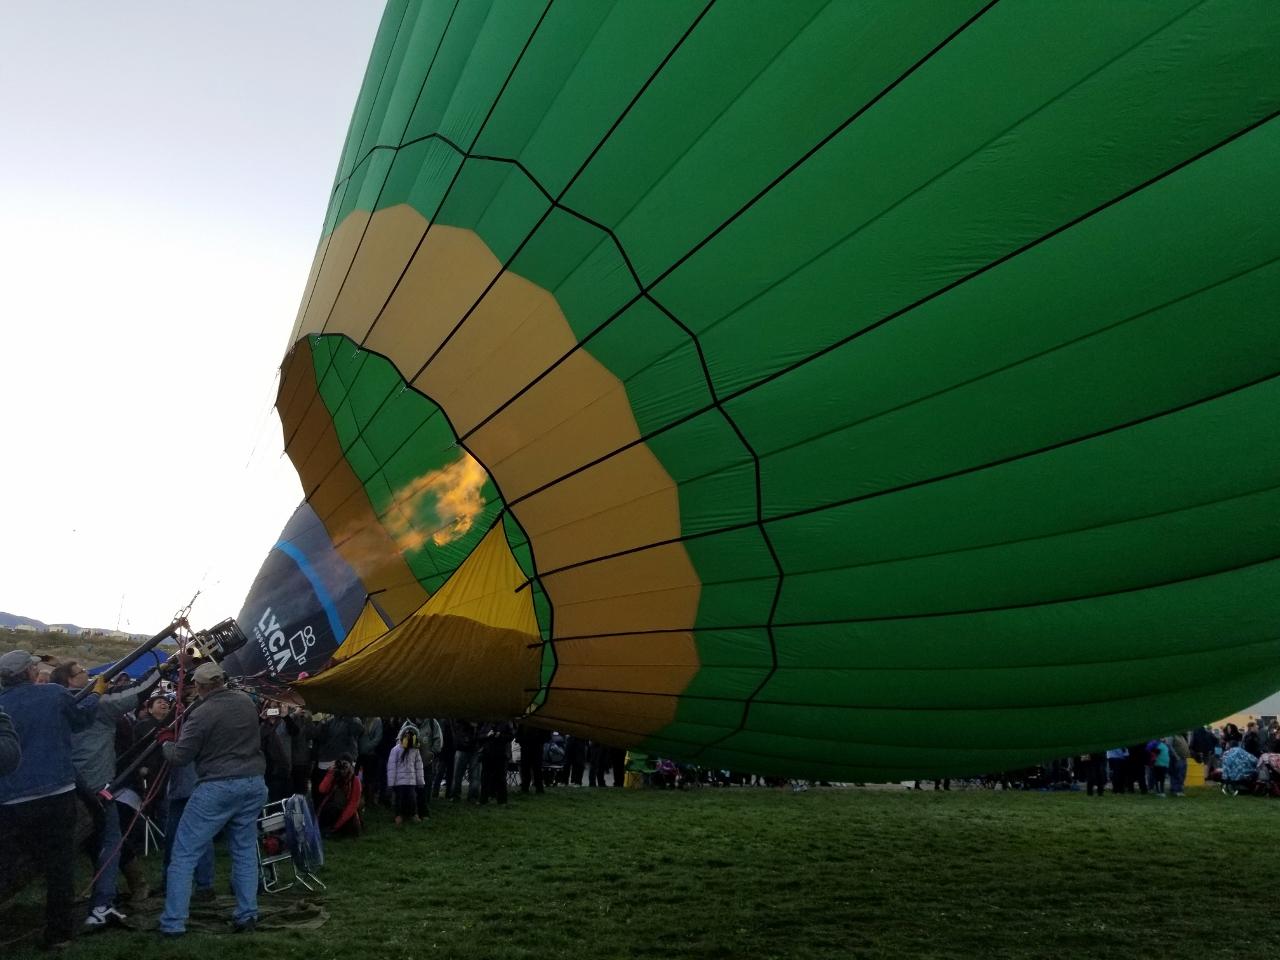 Filling the balloon at the Albuquerque Balloon Fiesta